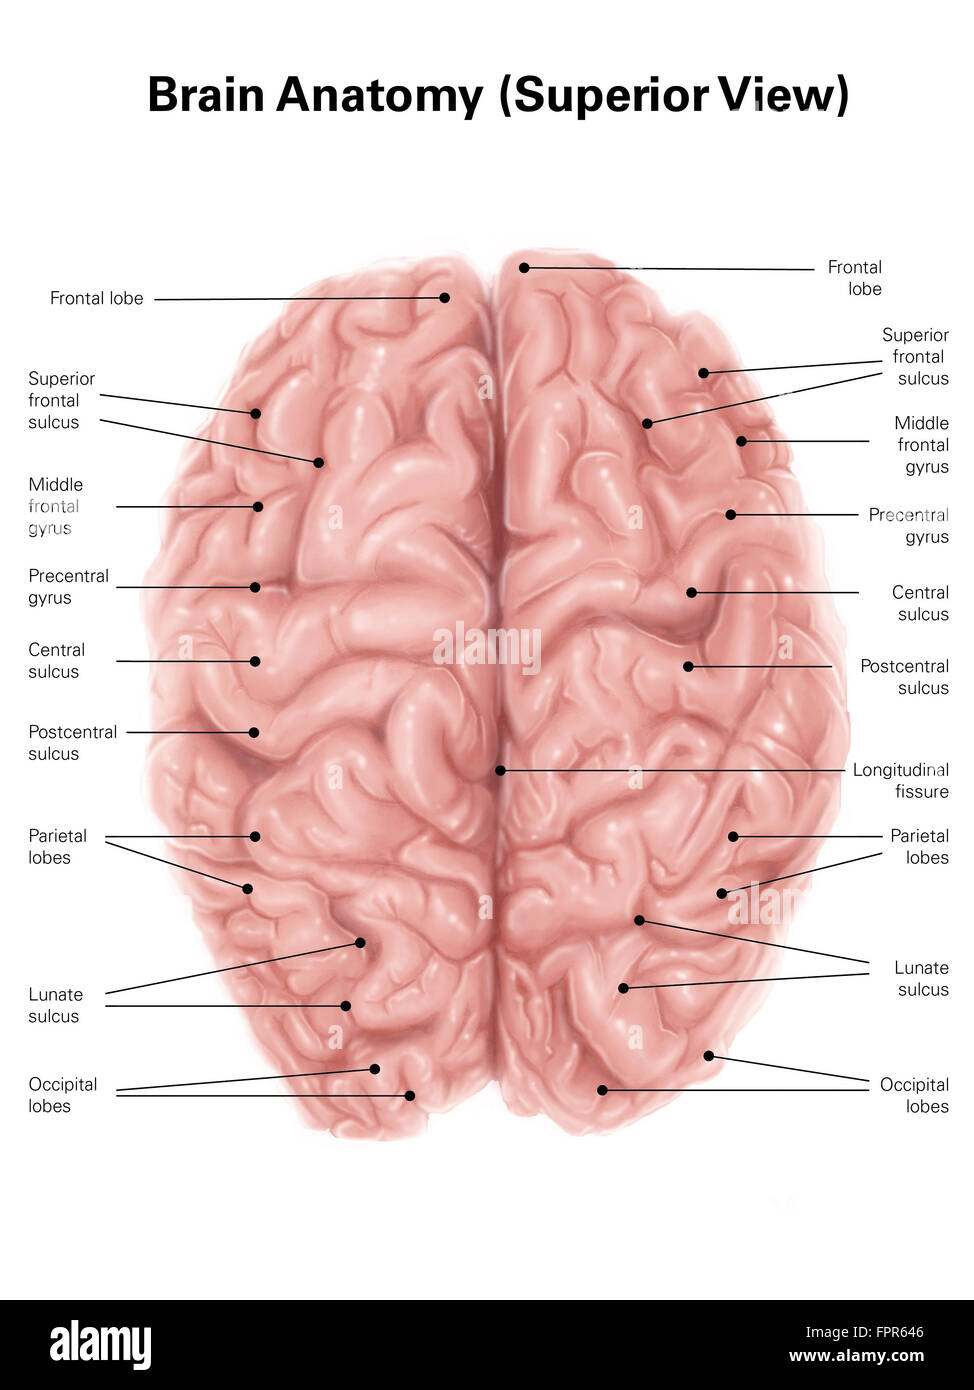 Menschliche Gehirn Anatomie, hervorragende Aussicht Stockfoto, Bild ...